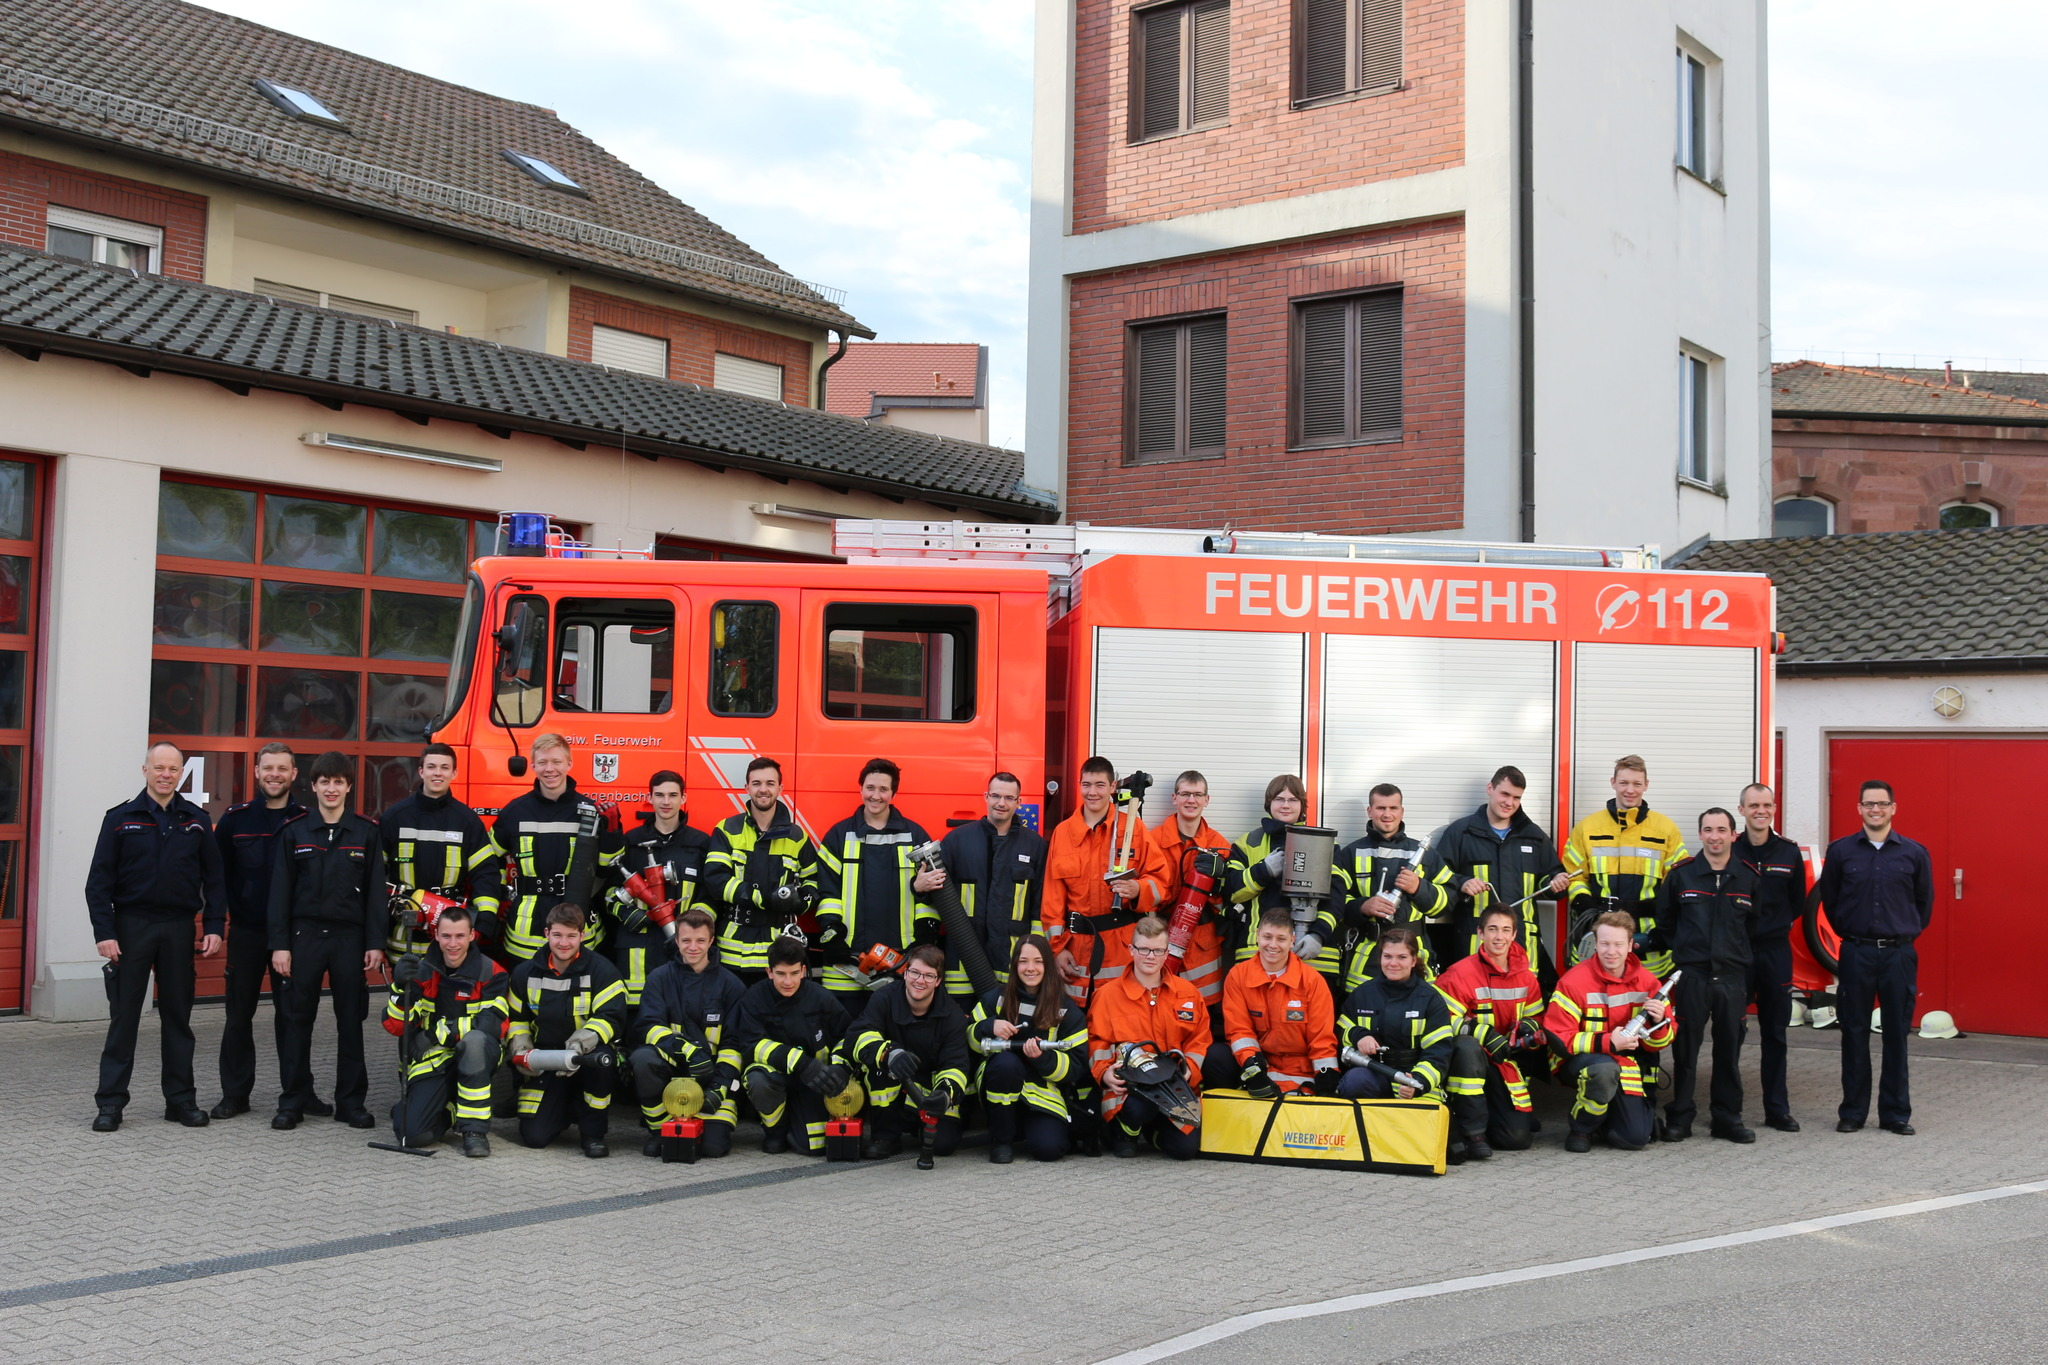 Feuerwehr Gengenbach